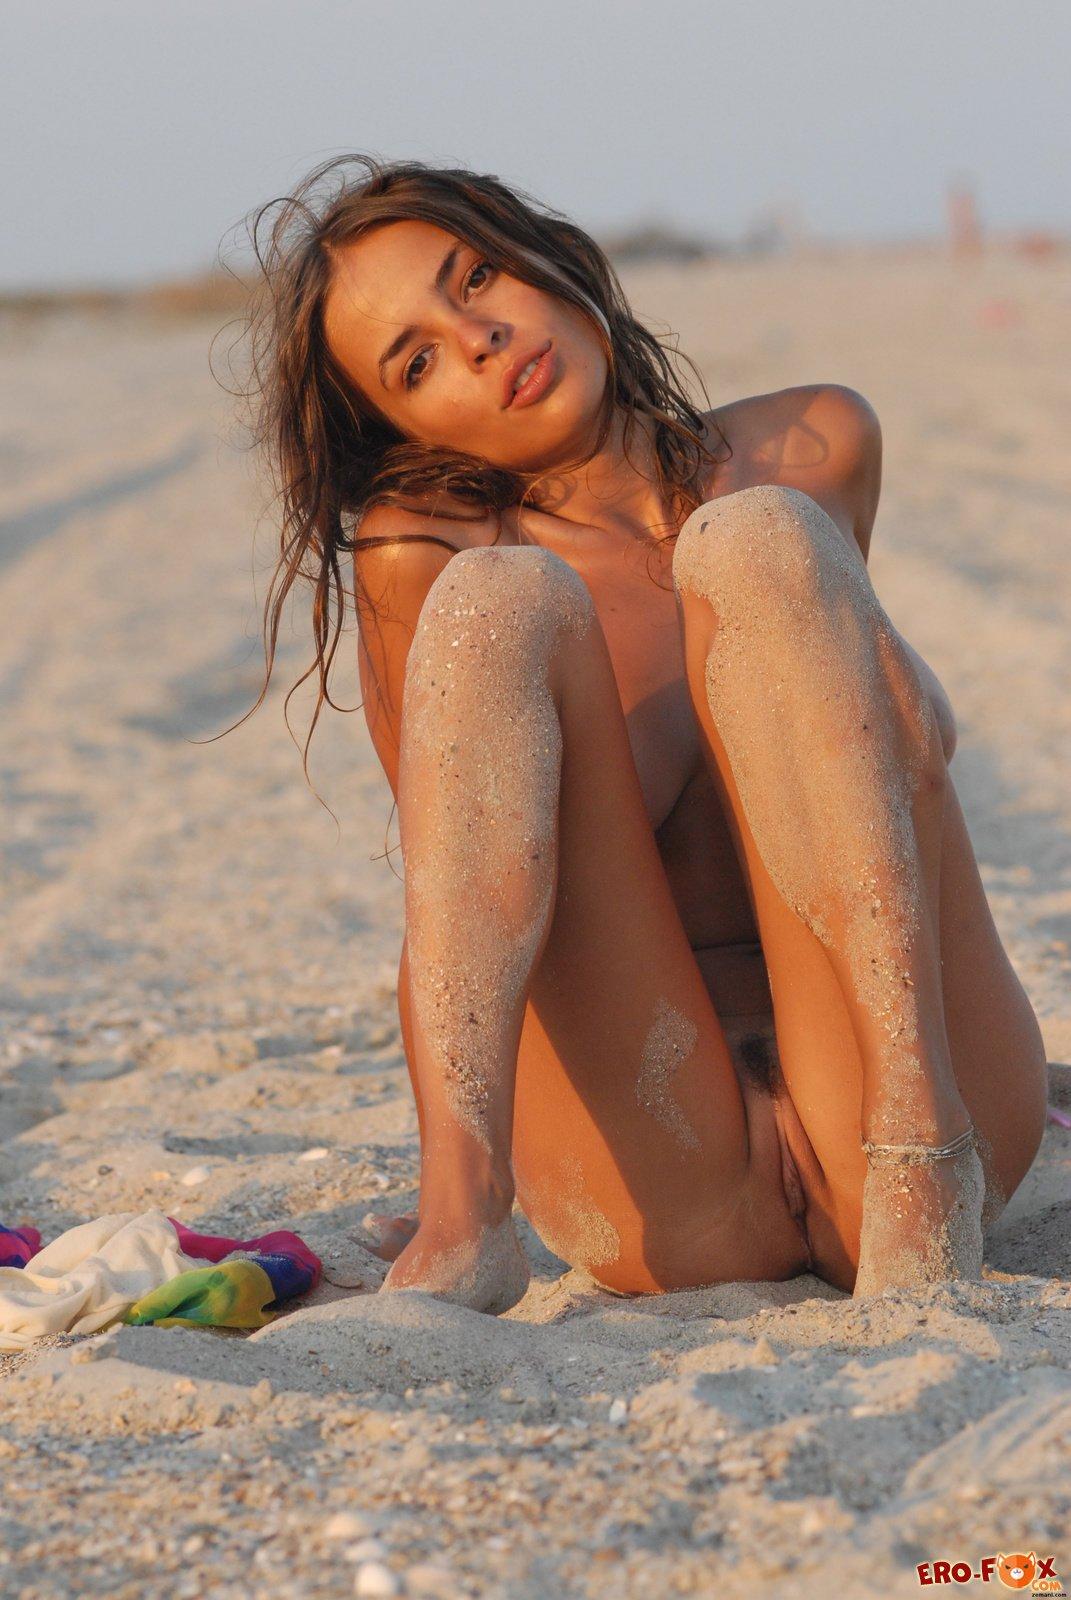 Грудастая девушка загорает на песке фото 91-484